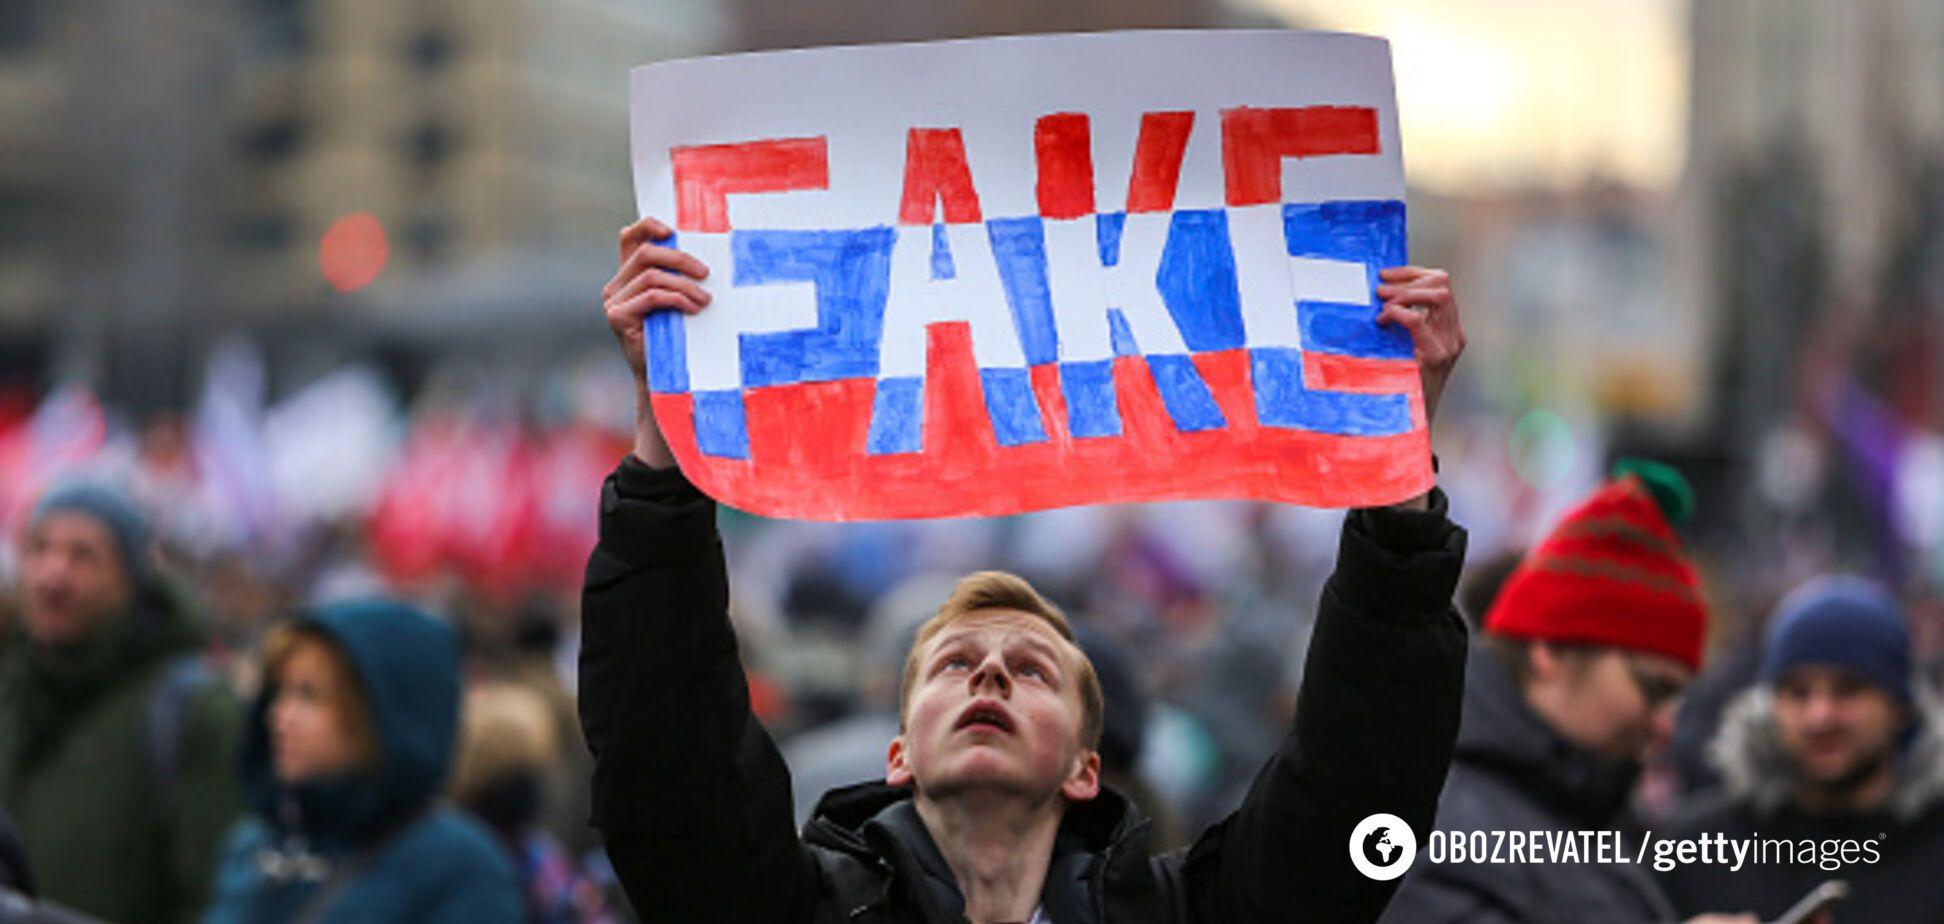 Порєбрік News: на росТБ привласнили український народ і збрехали про 'криваві розправи'